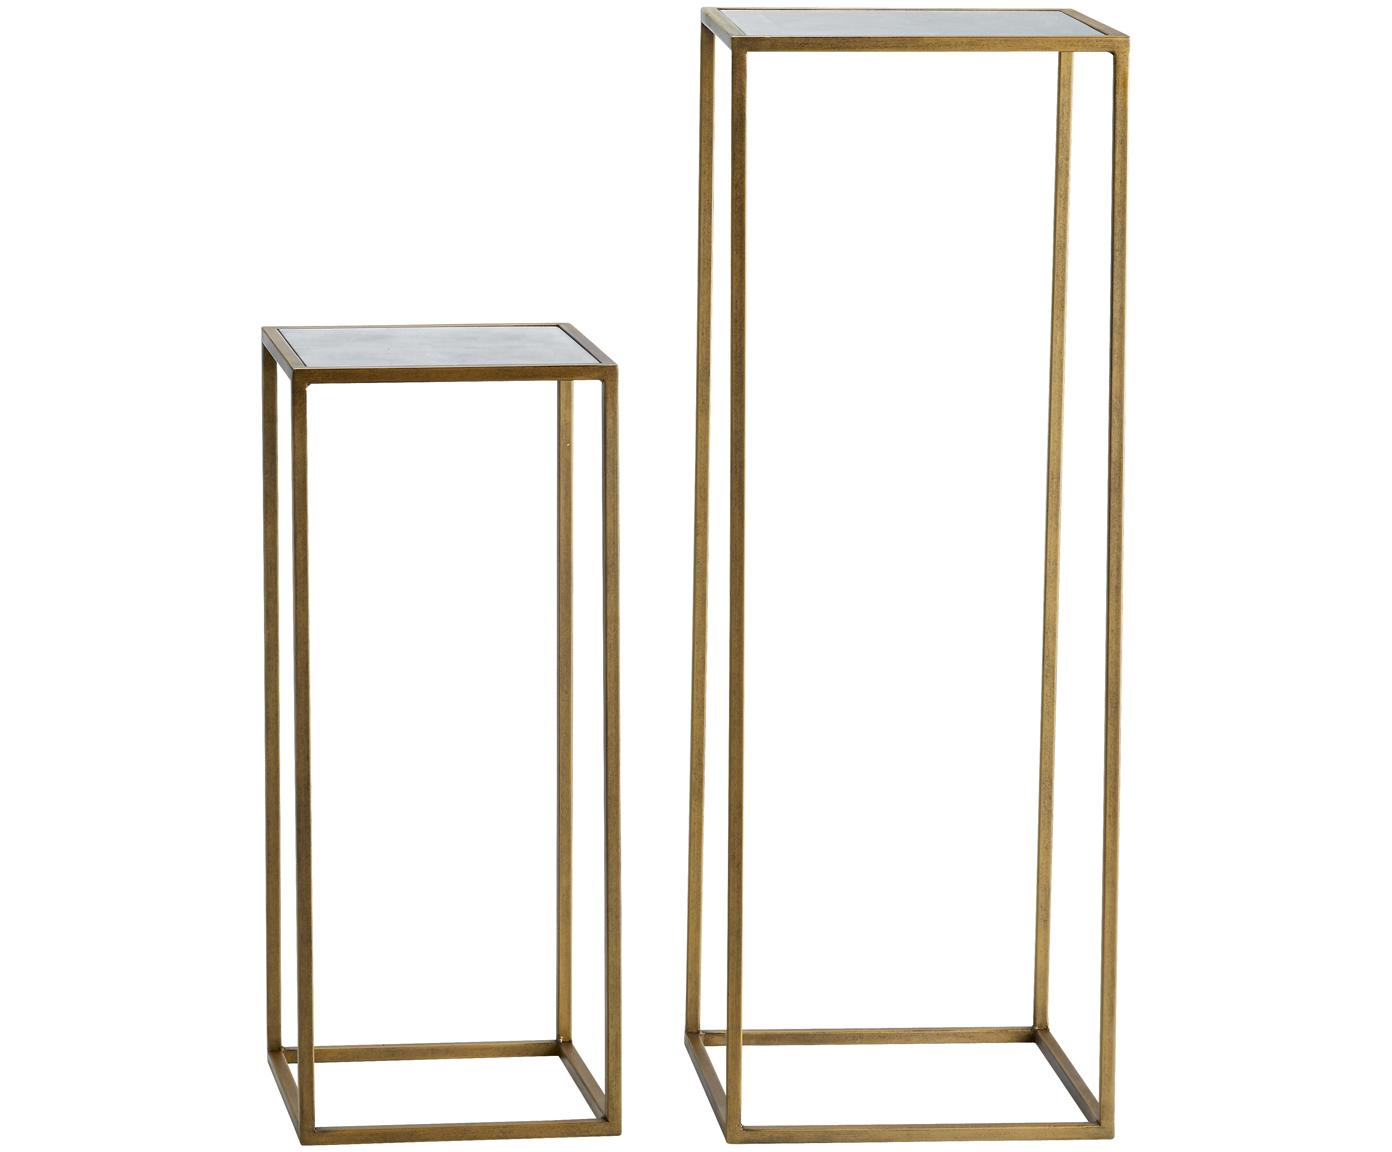 Bijzettafelset Honey, 2-delig, Frame: gelakt metaal, Tafelblad: mat spiegelglas, Messingkleurig, Verschillende formaten